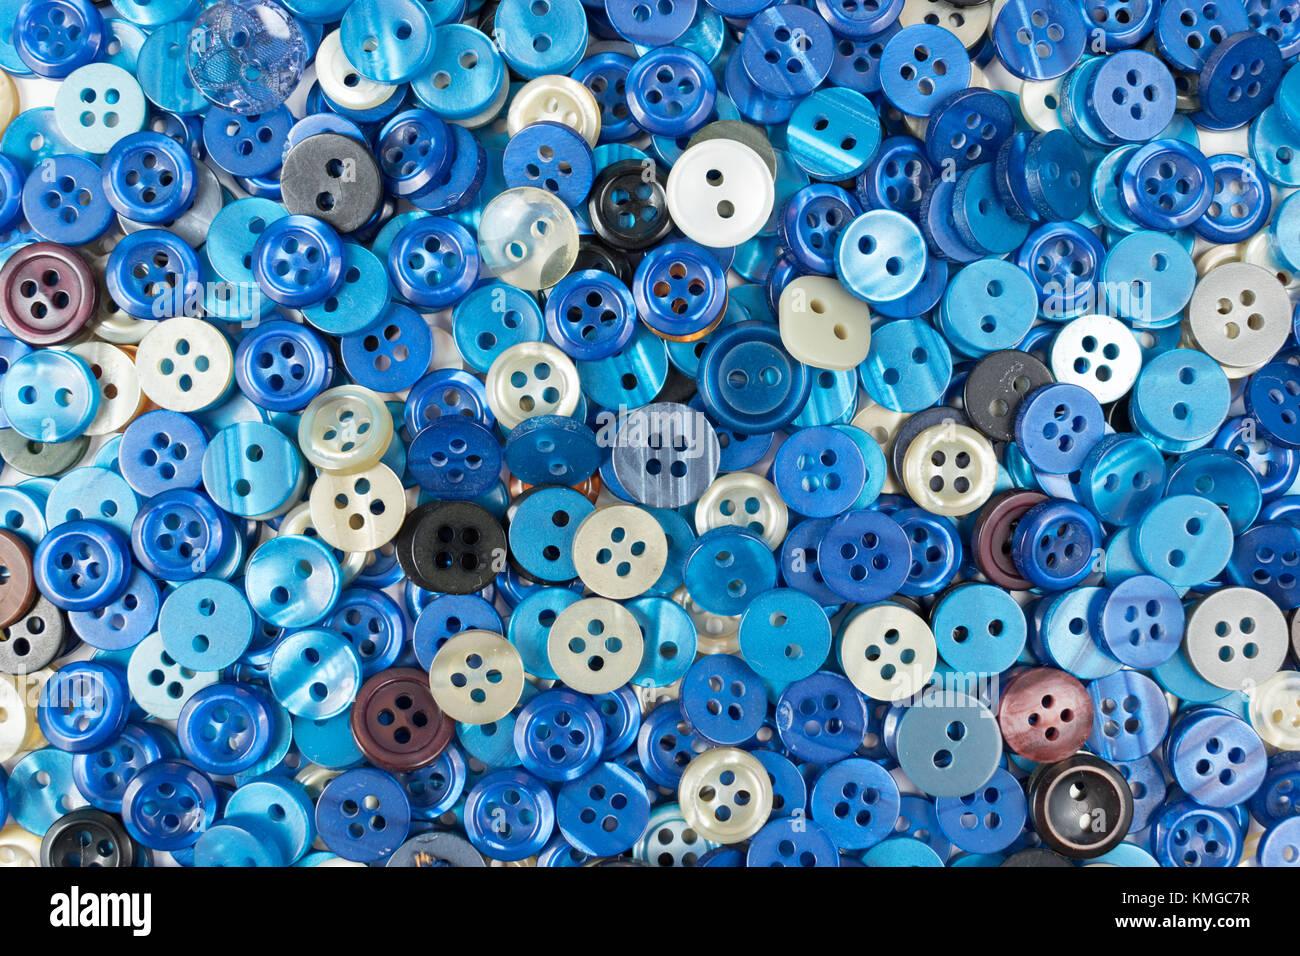 Conjunto de botones de costura azul sobre fondo blanco. Foto de stock